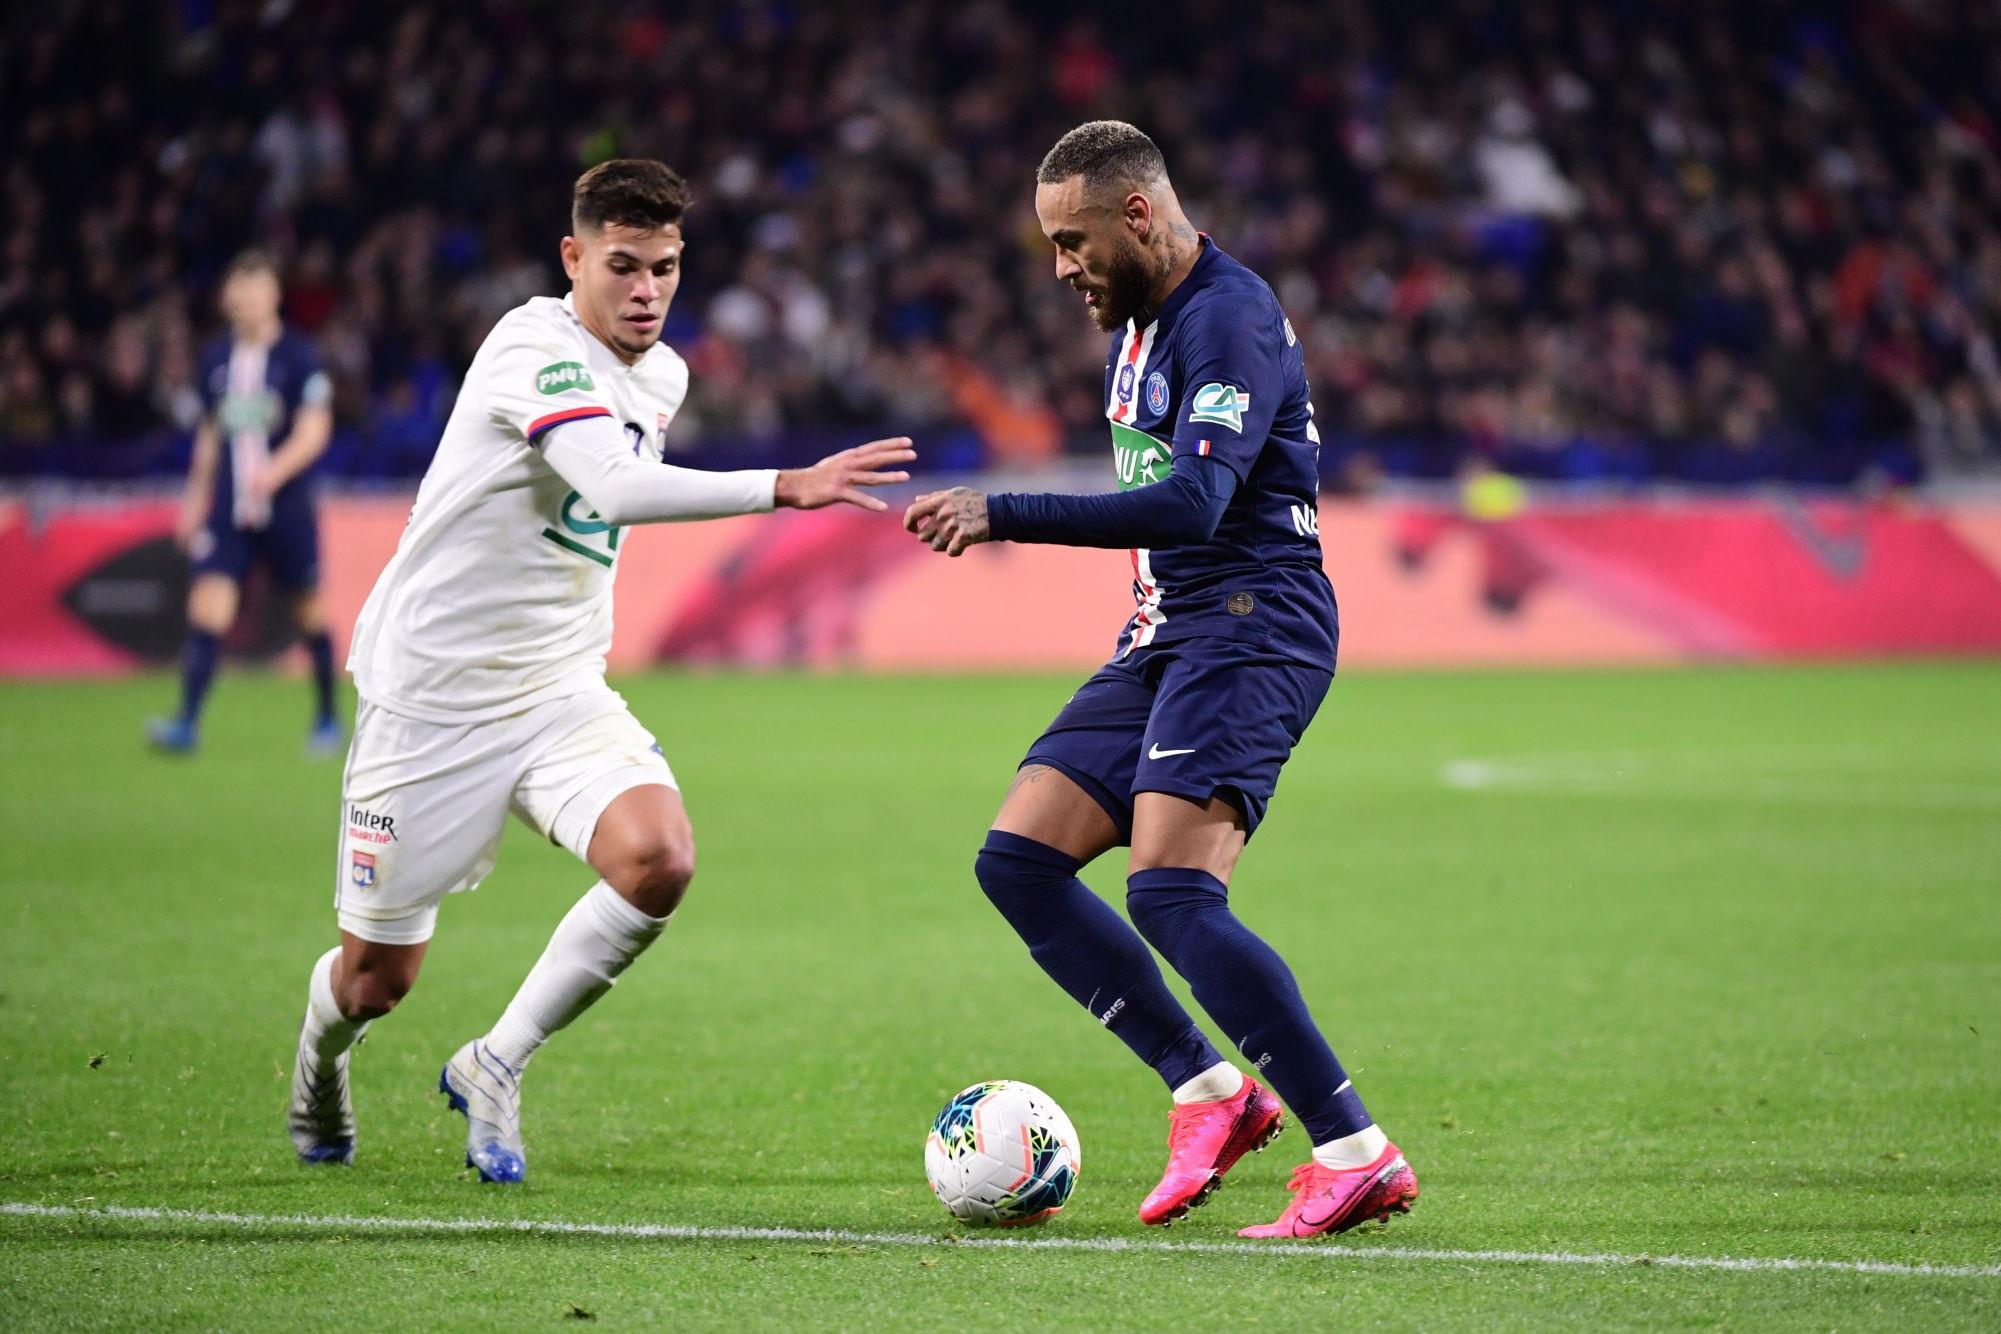 Neymar est le plus grand dribbleur en Europe cette saison, relève Opta